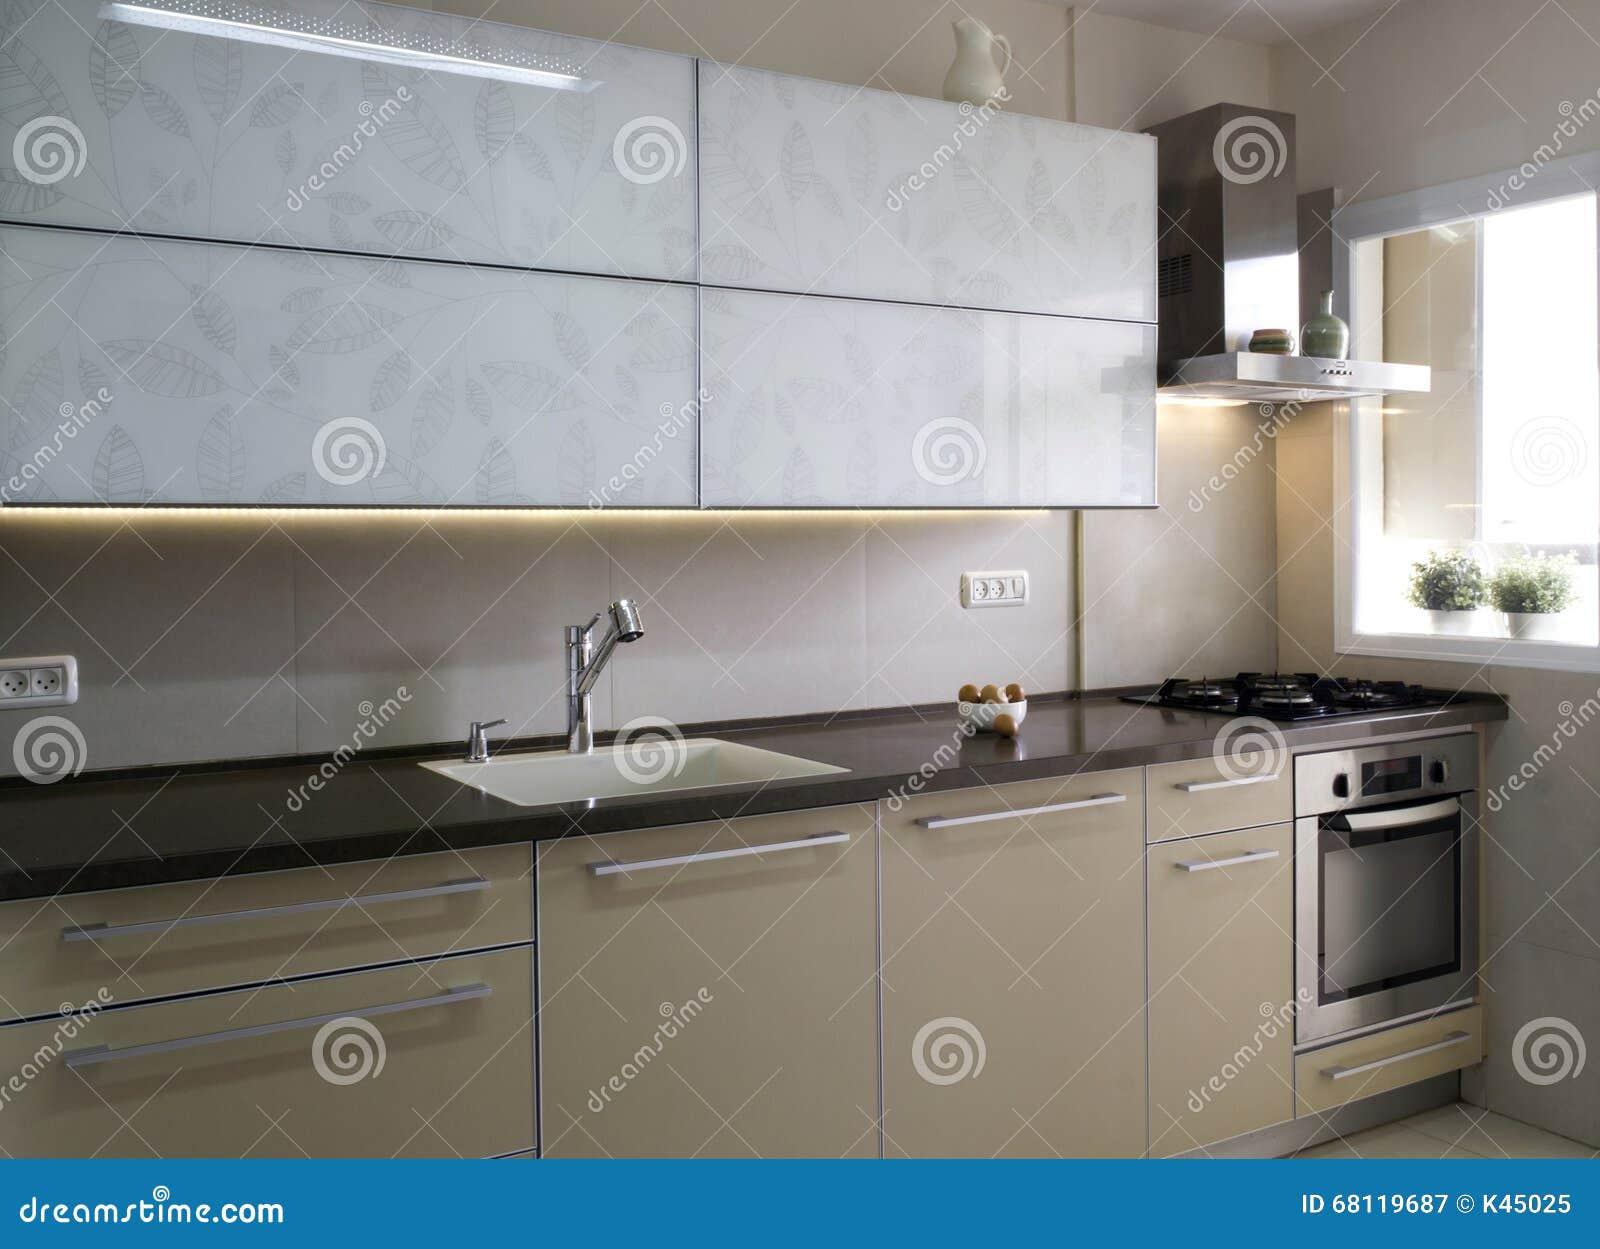 Cozinha Moderna Em Cores Do Bege E Do Creme Imagem De Stock Imagem